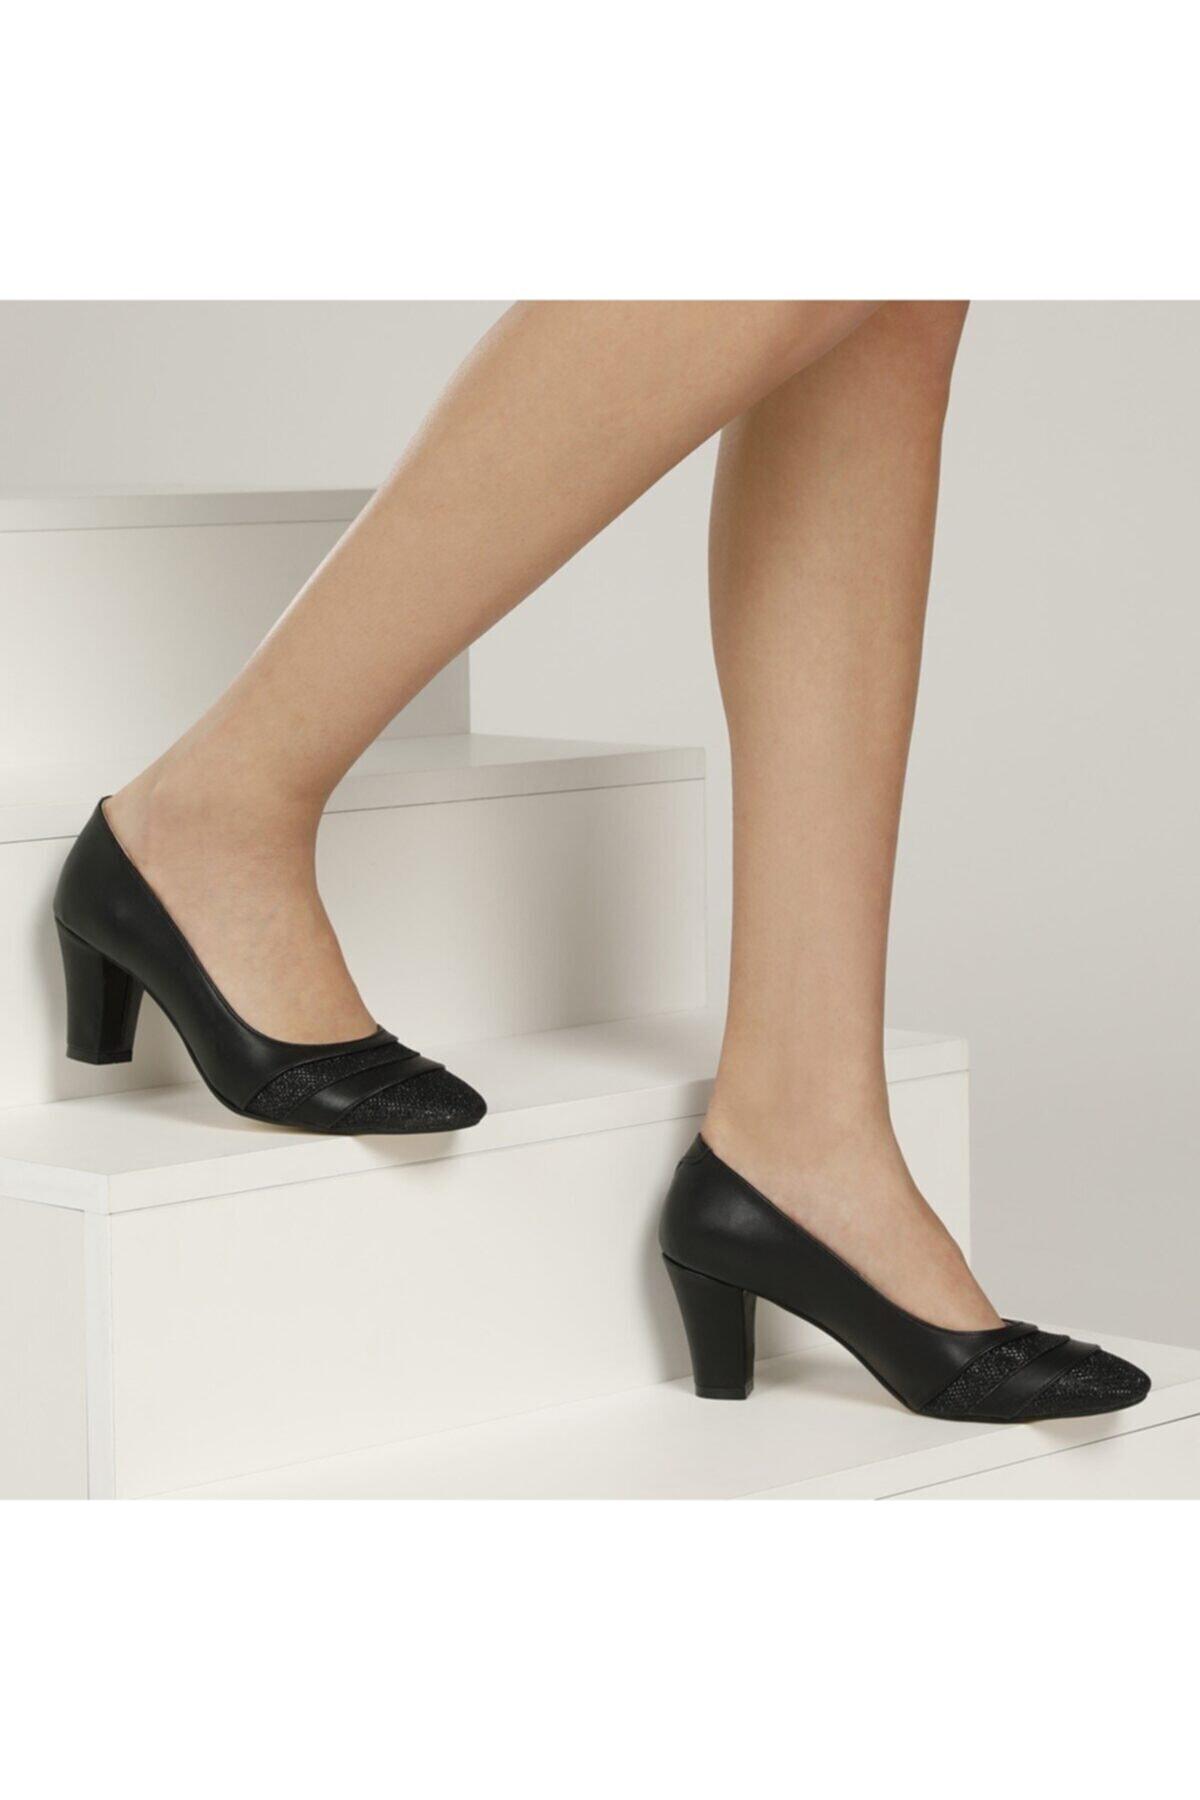 317080pz 1fx Siyah Kadın Gova Ayakkabı